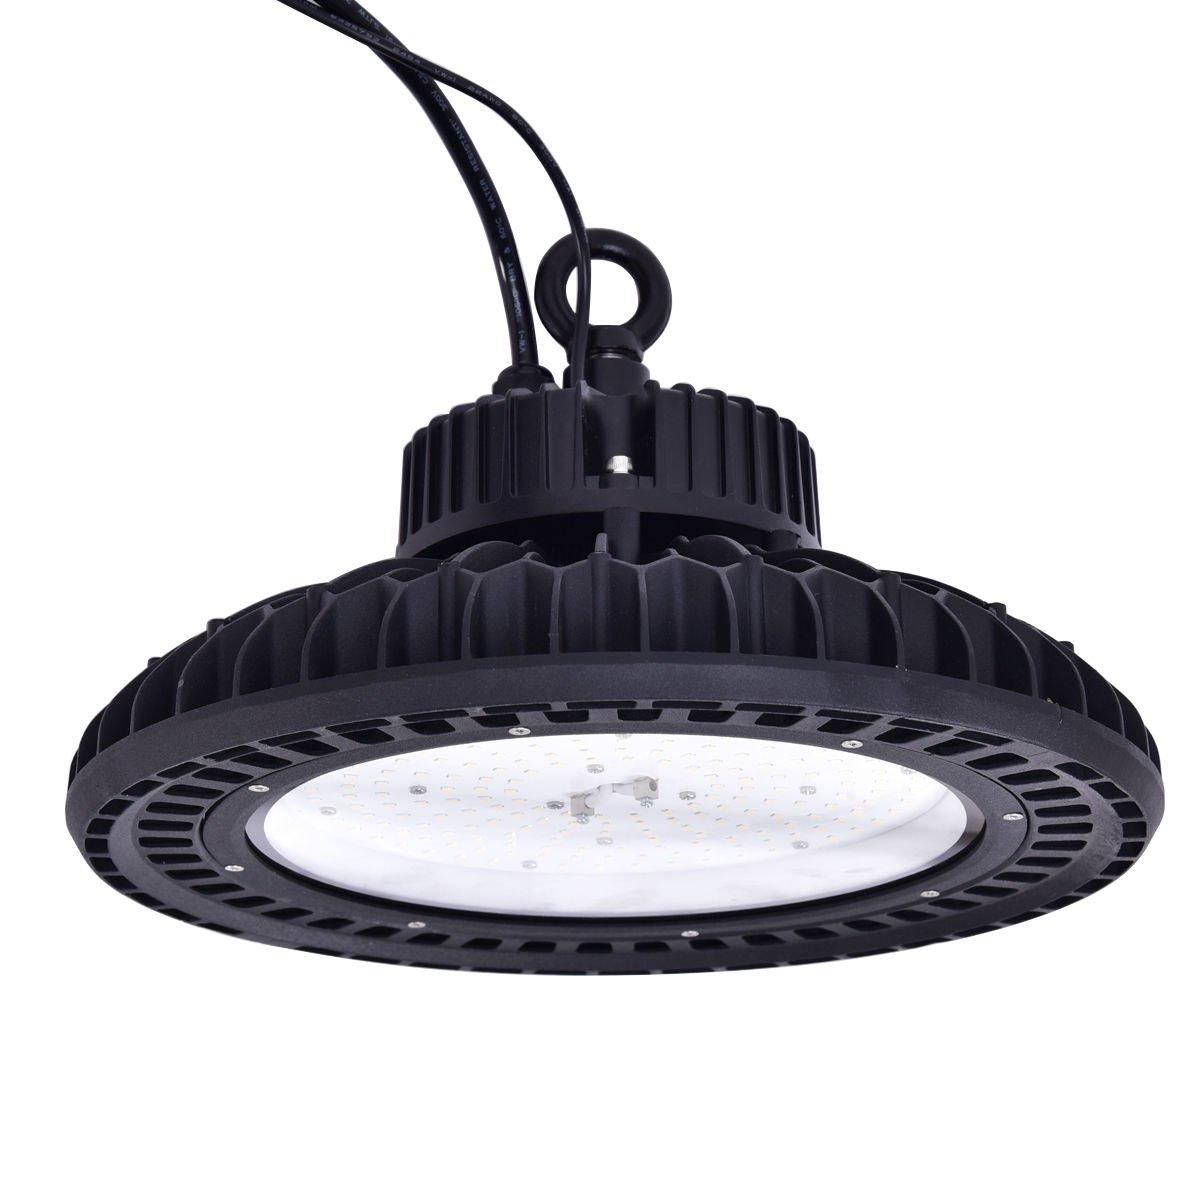 Goplus 150W LED High Bay Light 18820 Lumen Mining Lamp 5000K Warehouse Lighting Commercial LED Light Retail LED Light